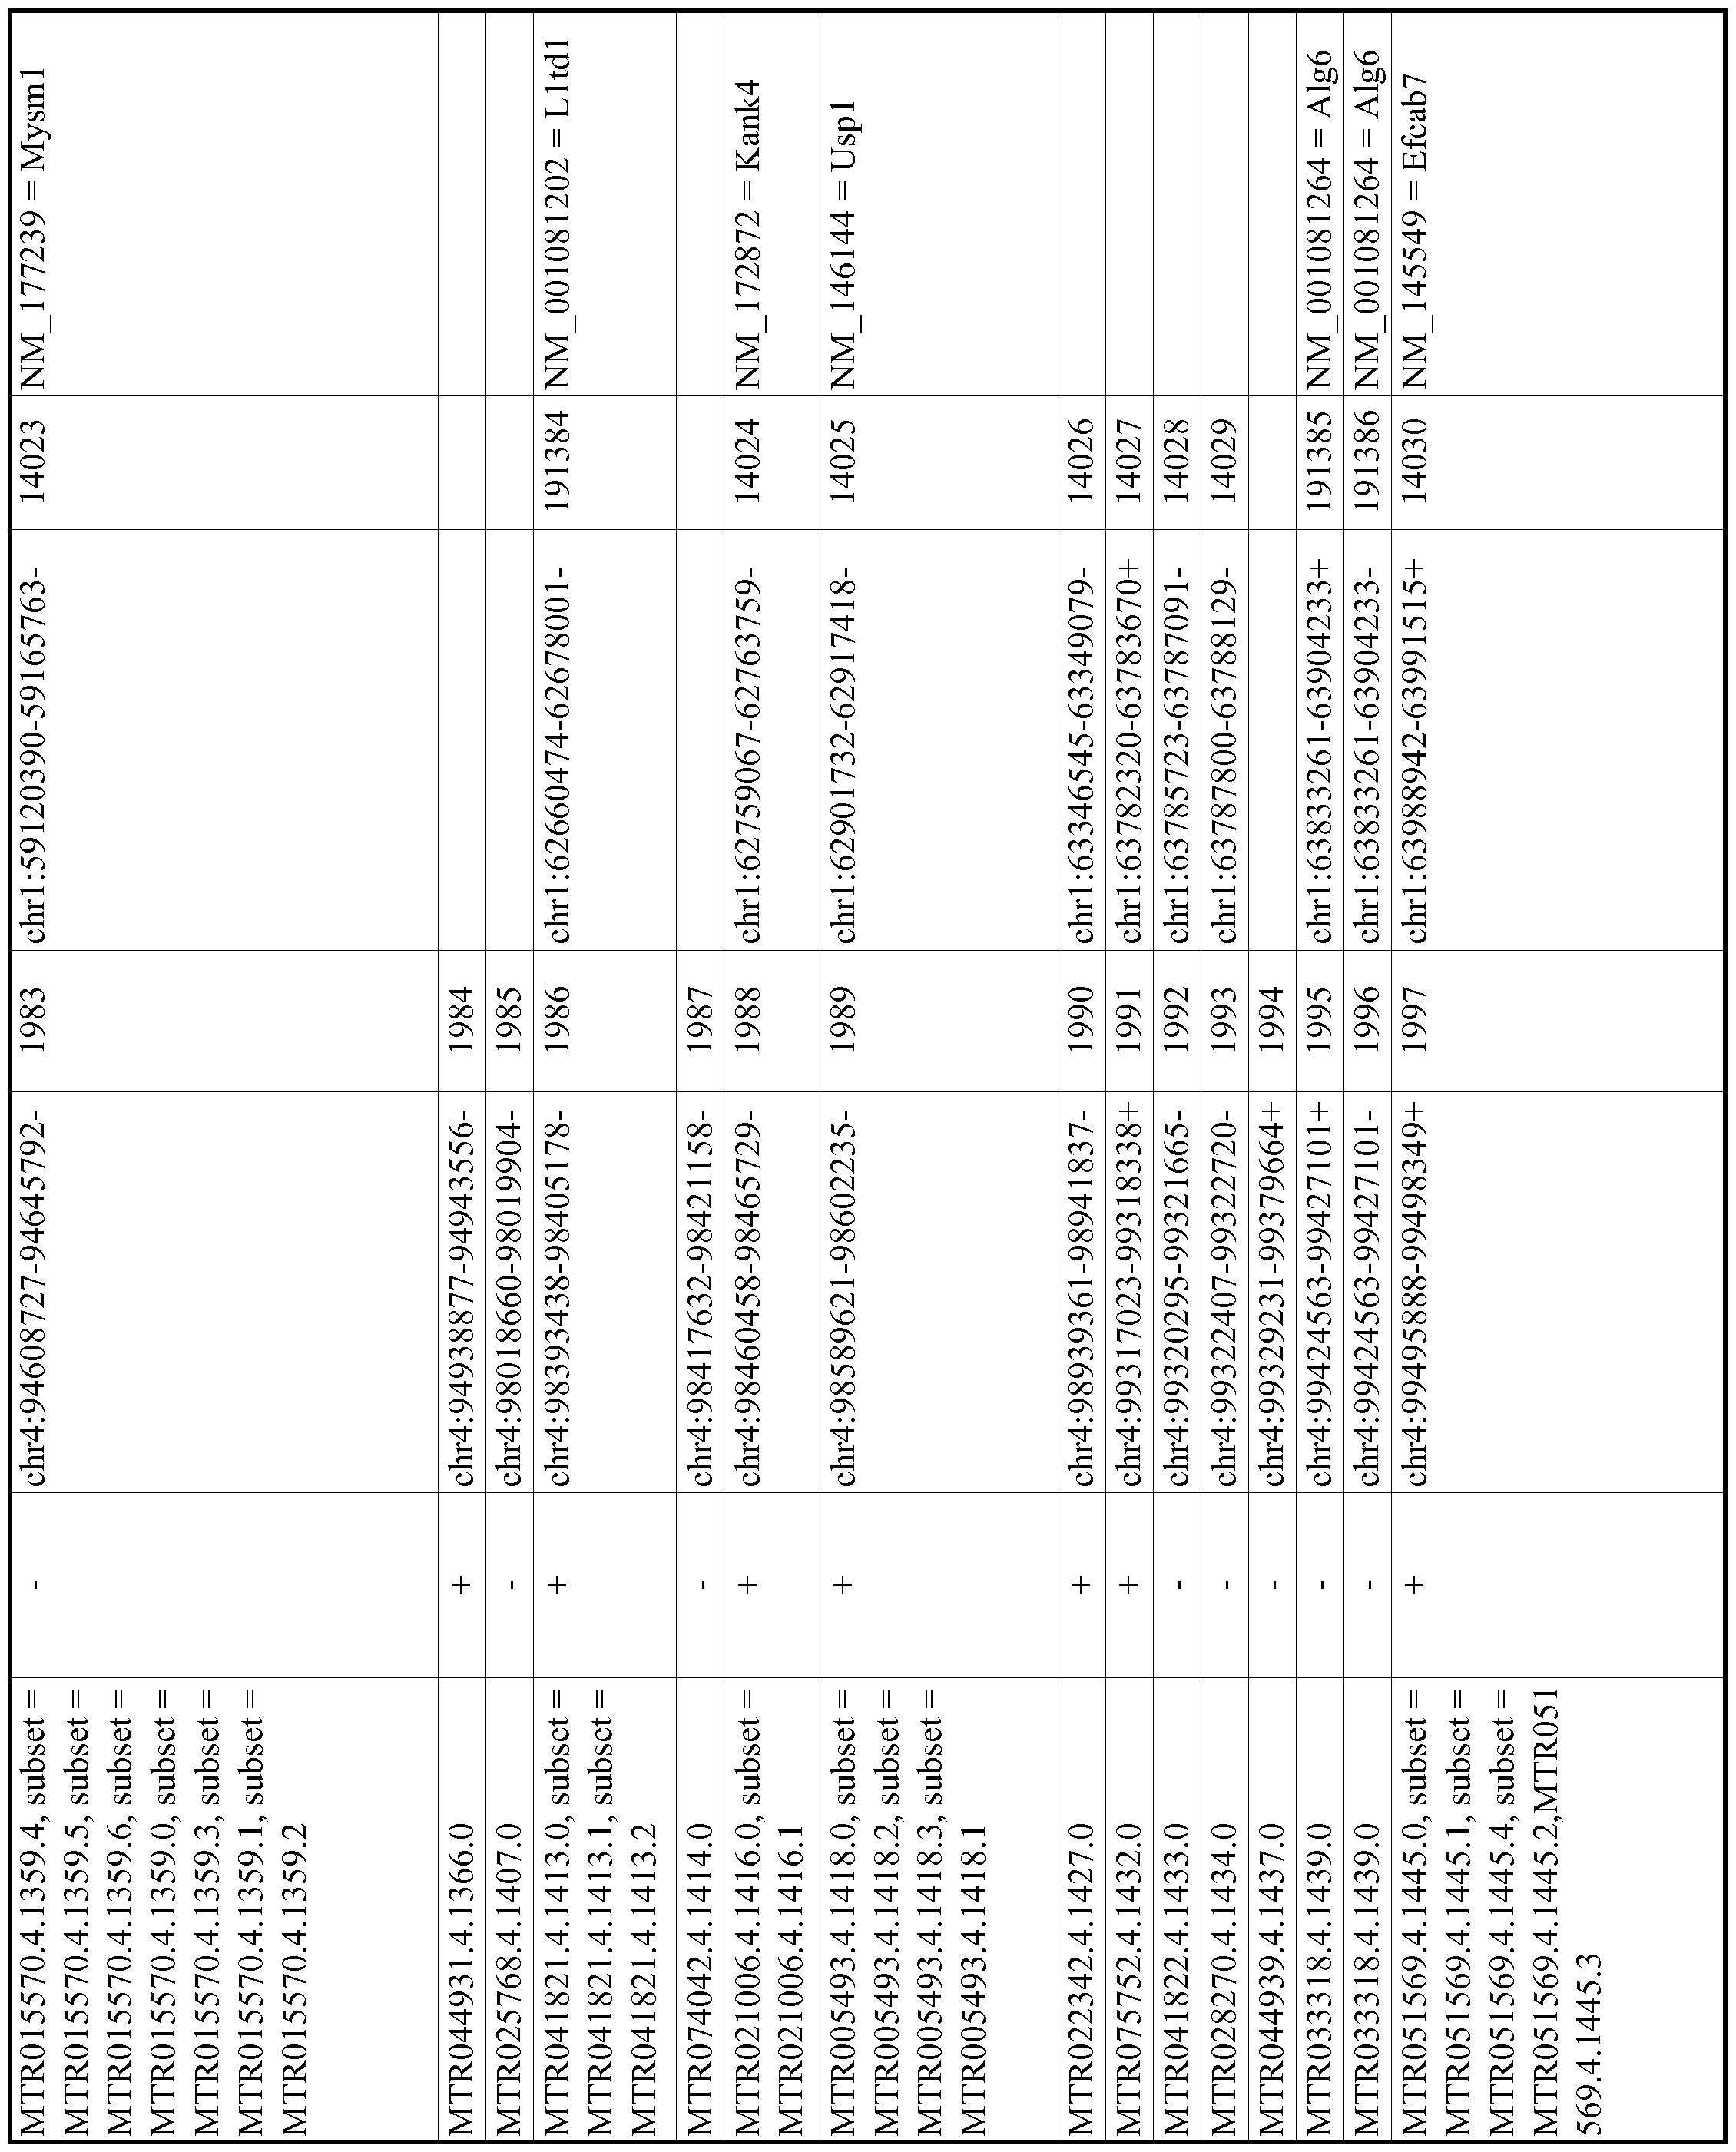 Figure imgf000463_0001